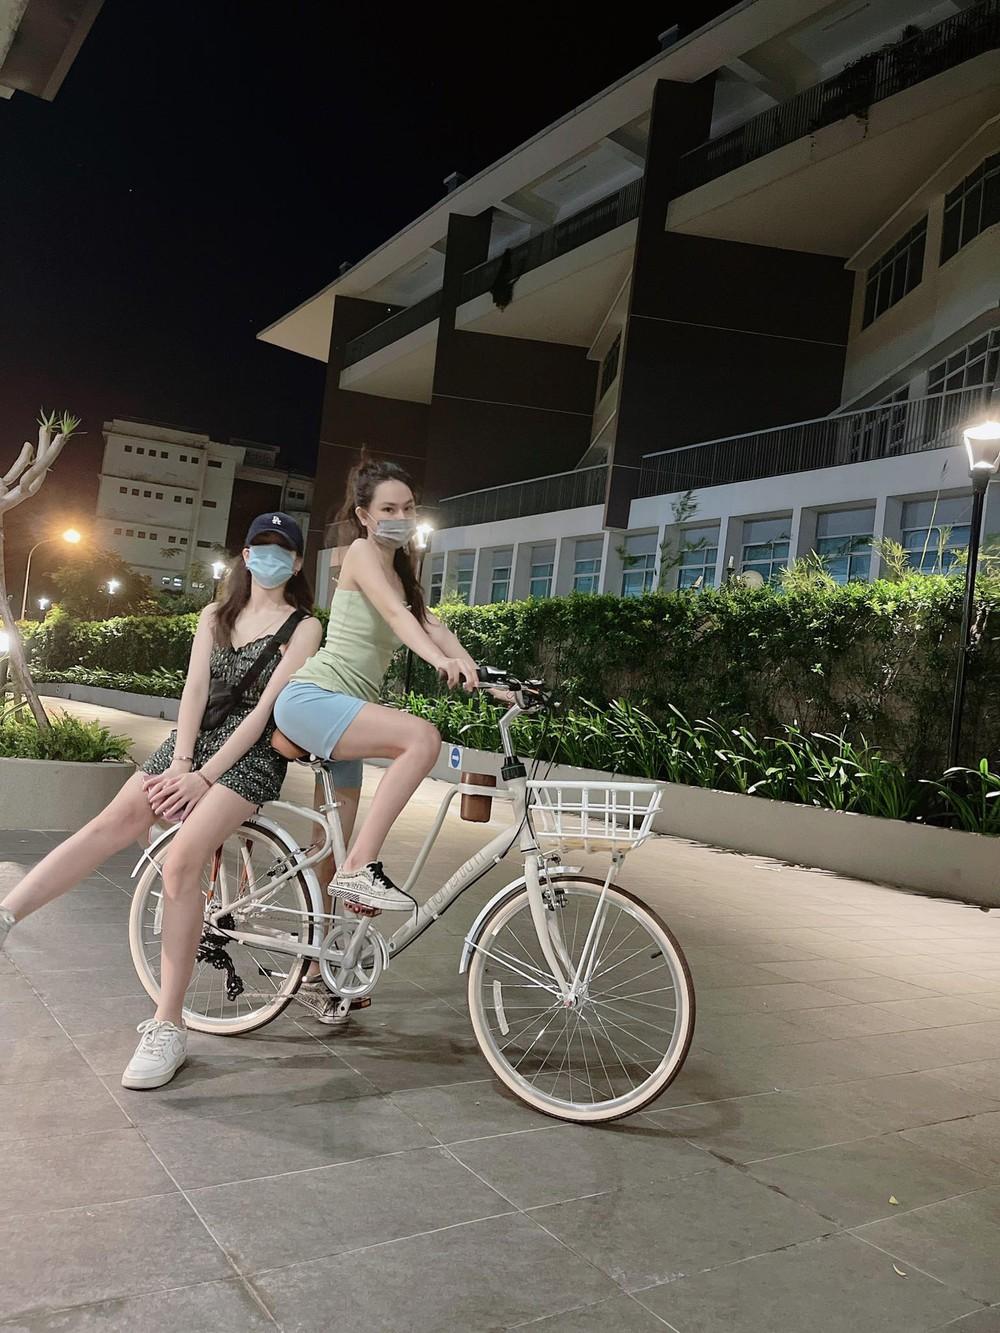 Chuyện không tưởng: Người Sài Gòn đang có trào lưu chạy xe đạp bạc triệu giữa mùa dịch, đầu tư không kém mấy tay đua ở Tour de France - Ảnh 20.